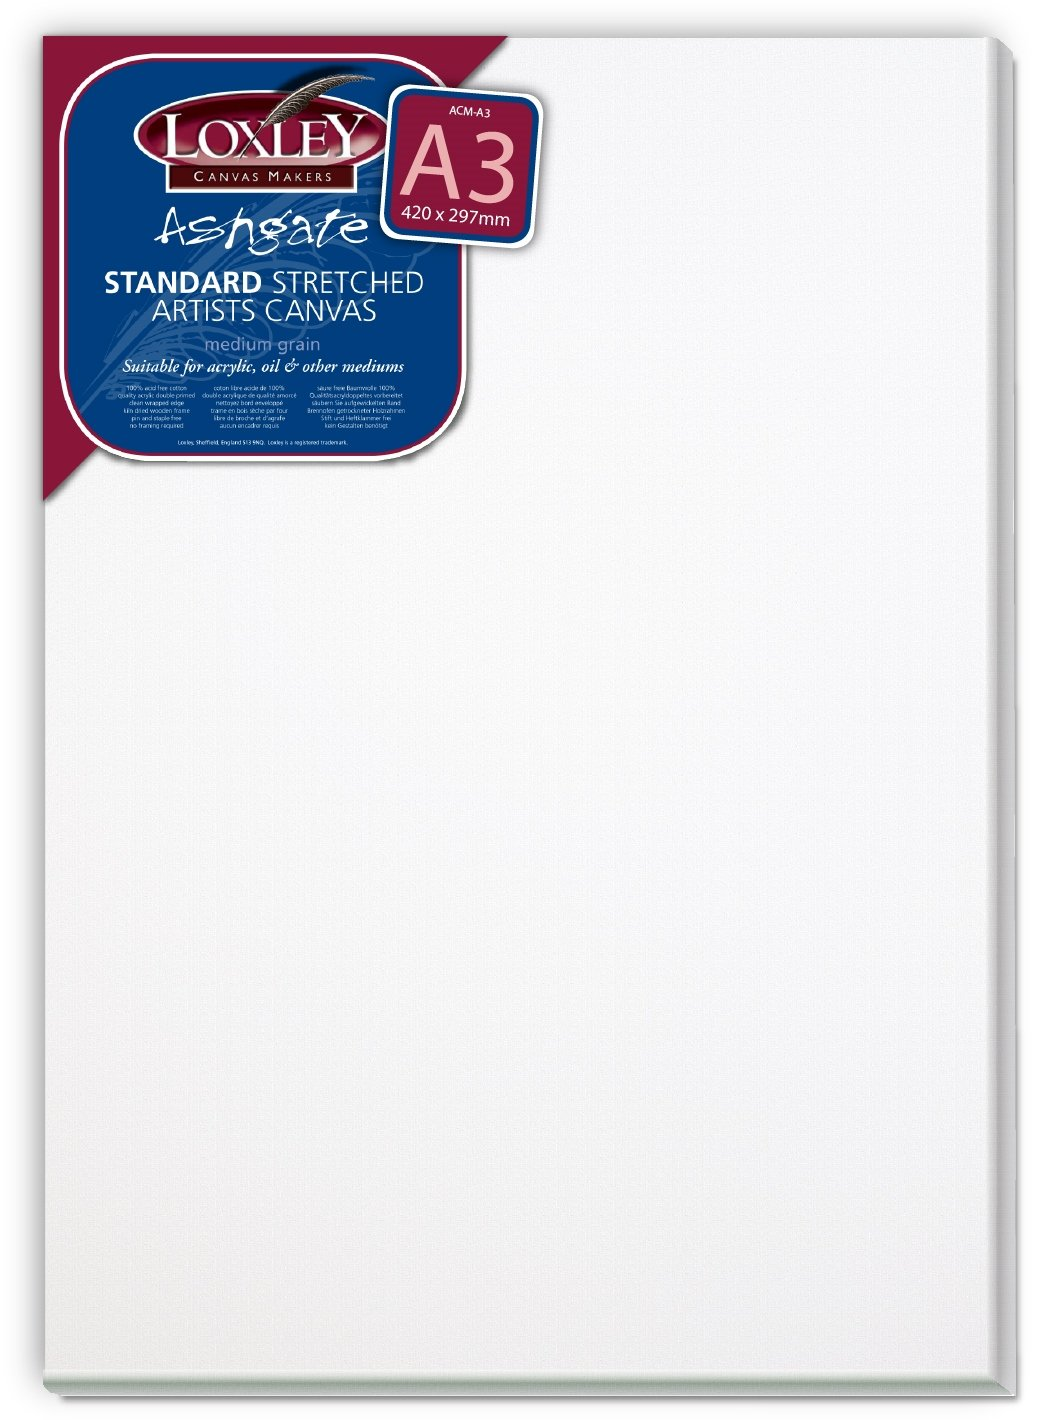 Loxley Colourfull Arts Ashgate - Tele da disegno A3 tradizionali per artisti, grana media, 18 mm di spessore, colore. Bianco ACM-A3